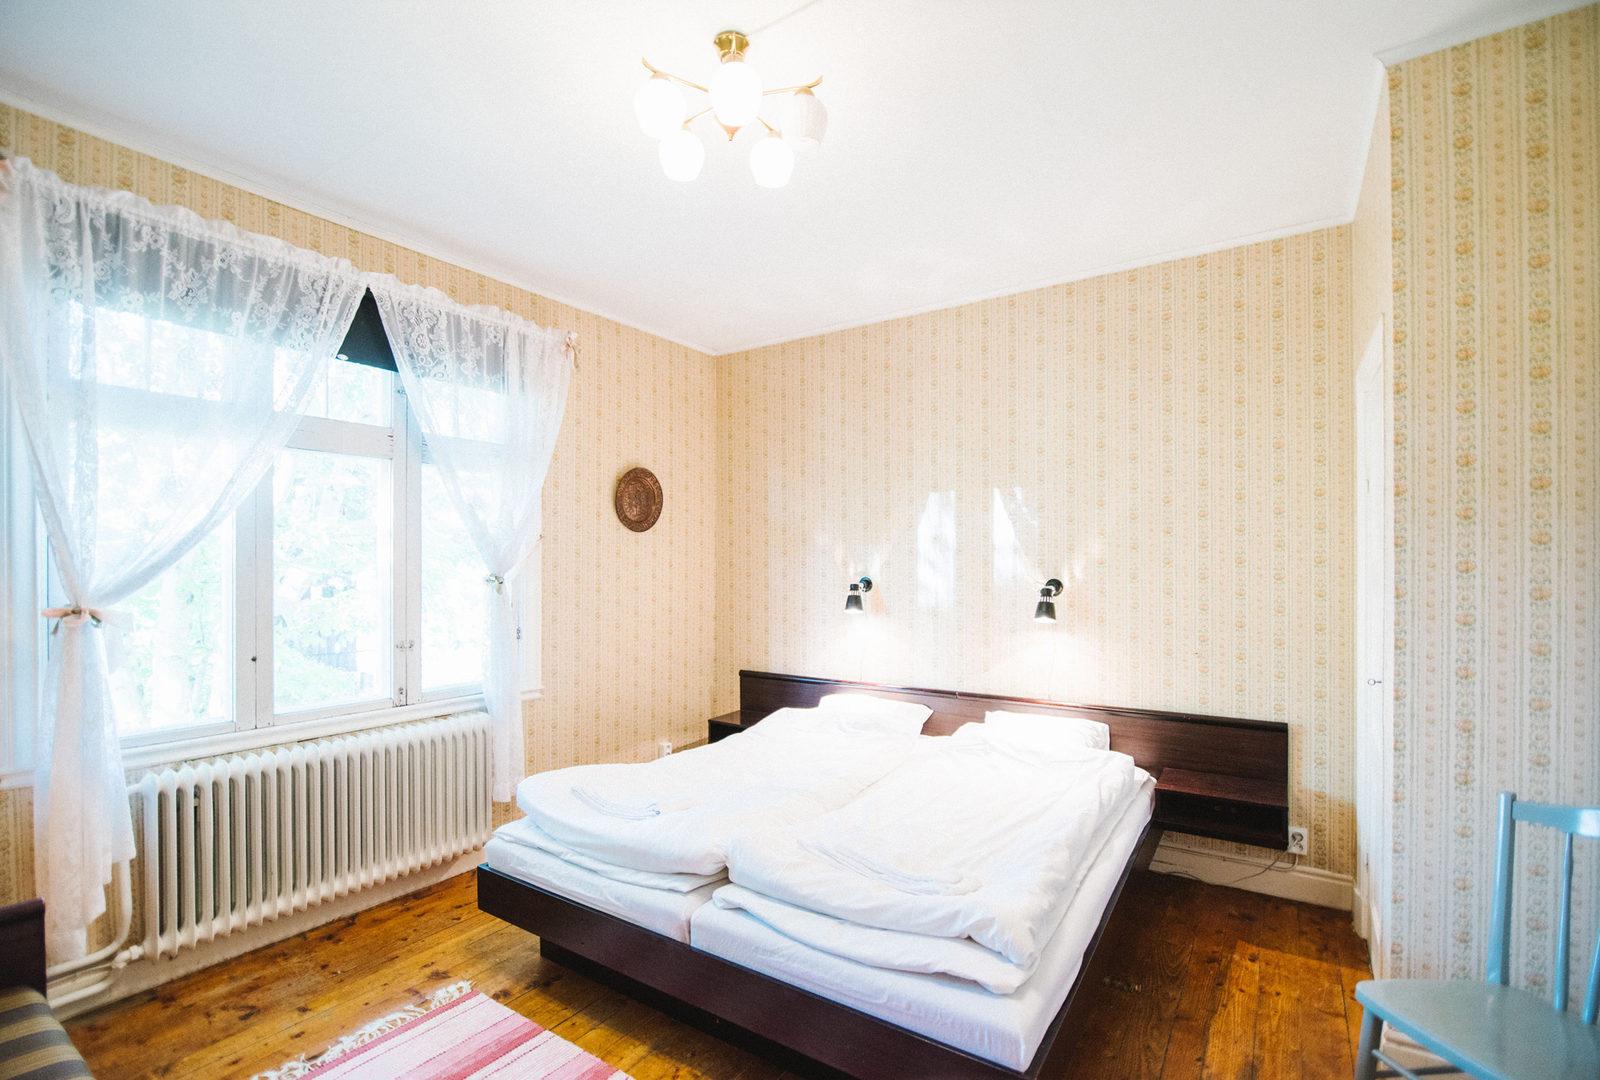 Urshult Hotel double room